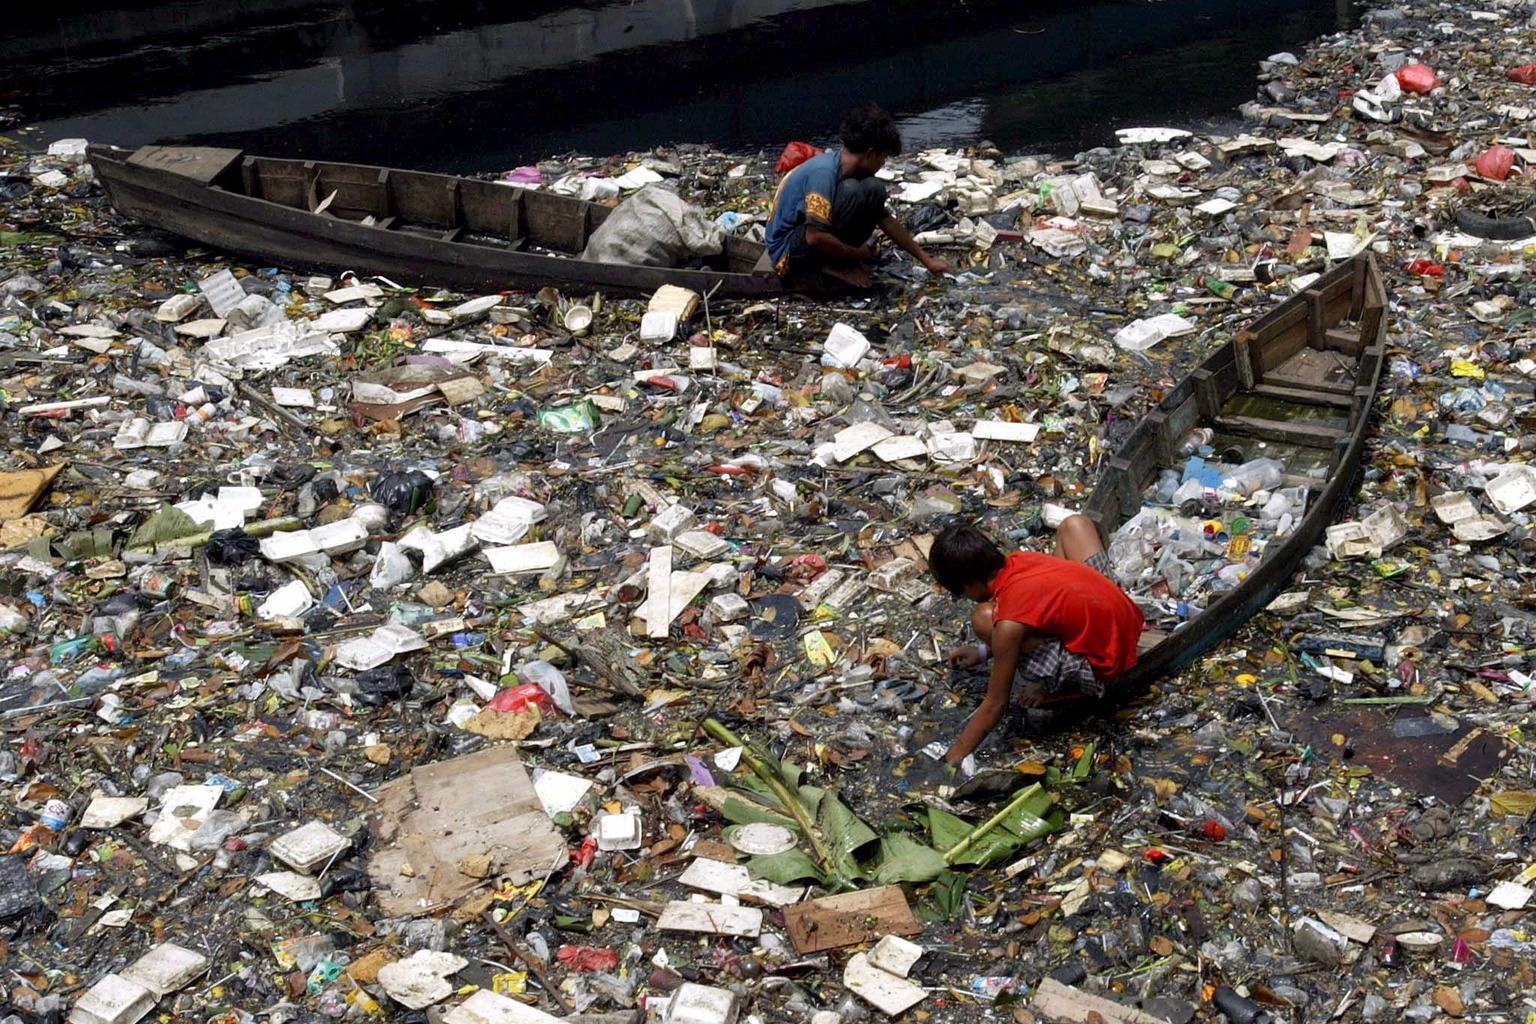 Jakarta, 2006. március 21. Két fiatal férfi műanyag palackokat gyűjt egy erősen szennyezett folyóban Jakartában 2006. március 21-én, a víz világnapja előtti napon. A világ vízkészletét tanulmányozó nemzetközi jelentés szerint a tiszta édesvíz hiánya környezetvédelmi katasztrófához vezethet 2020-ra.  (MTI/EPA/Mast Irham)